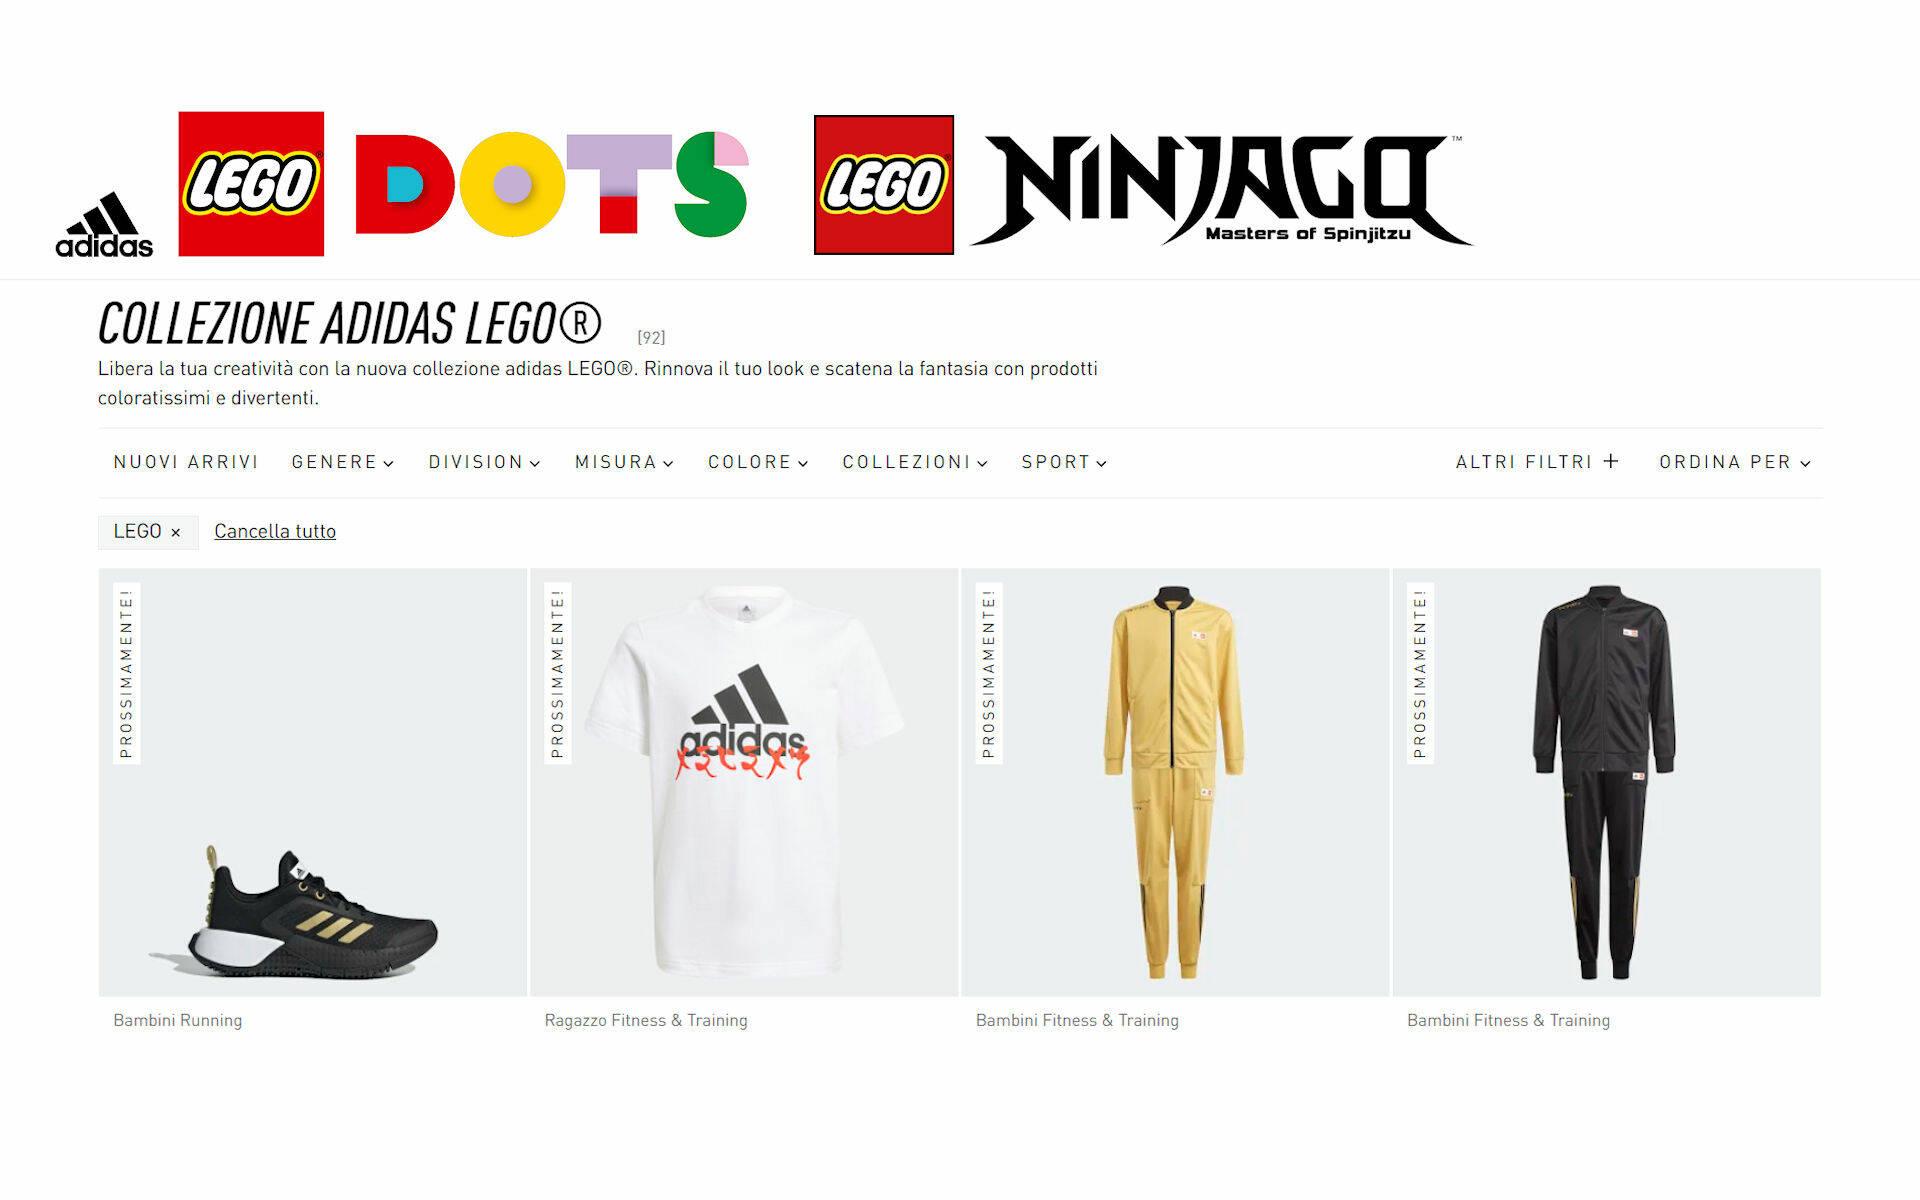 LEGO ADIDAS DOTS NINJAGO 2021